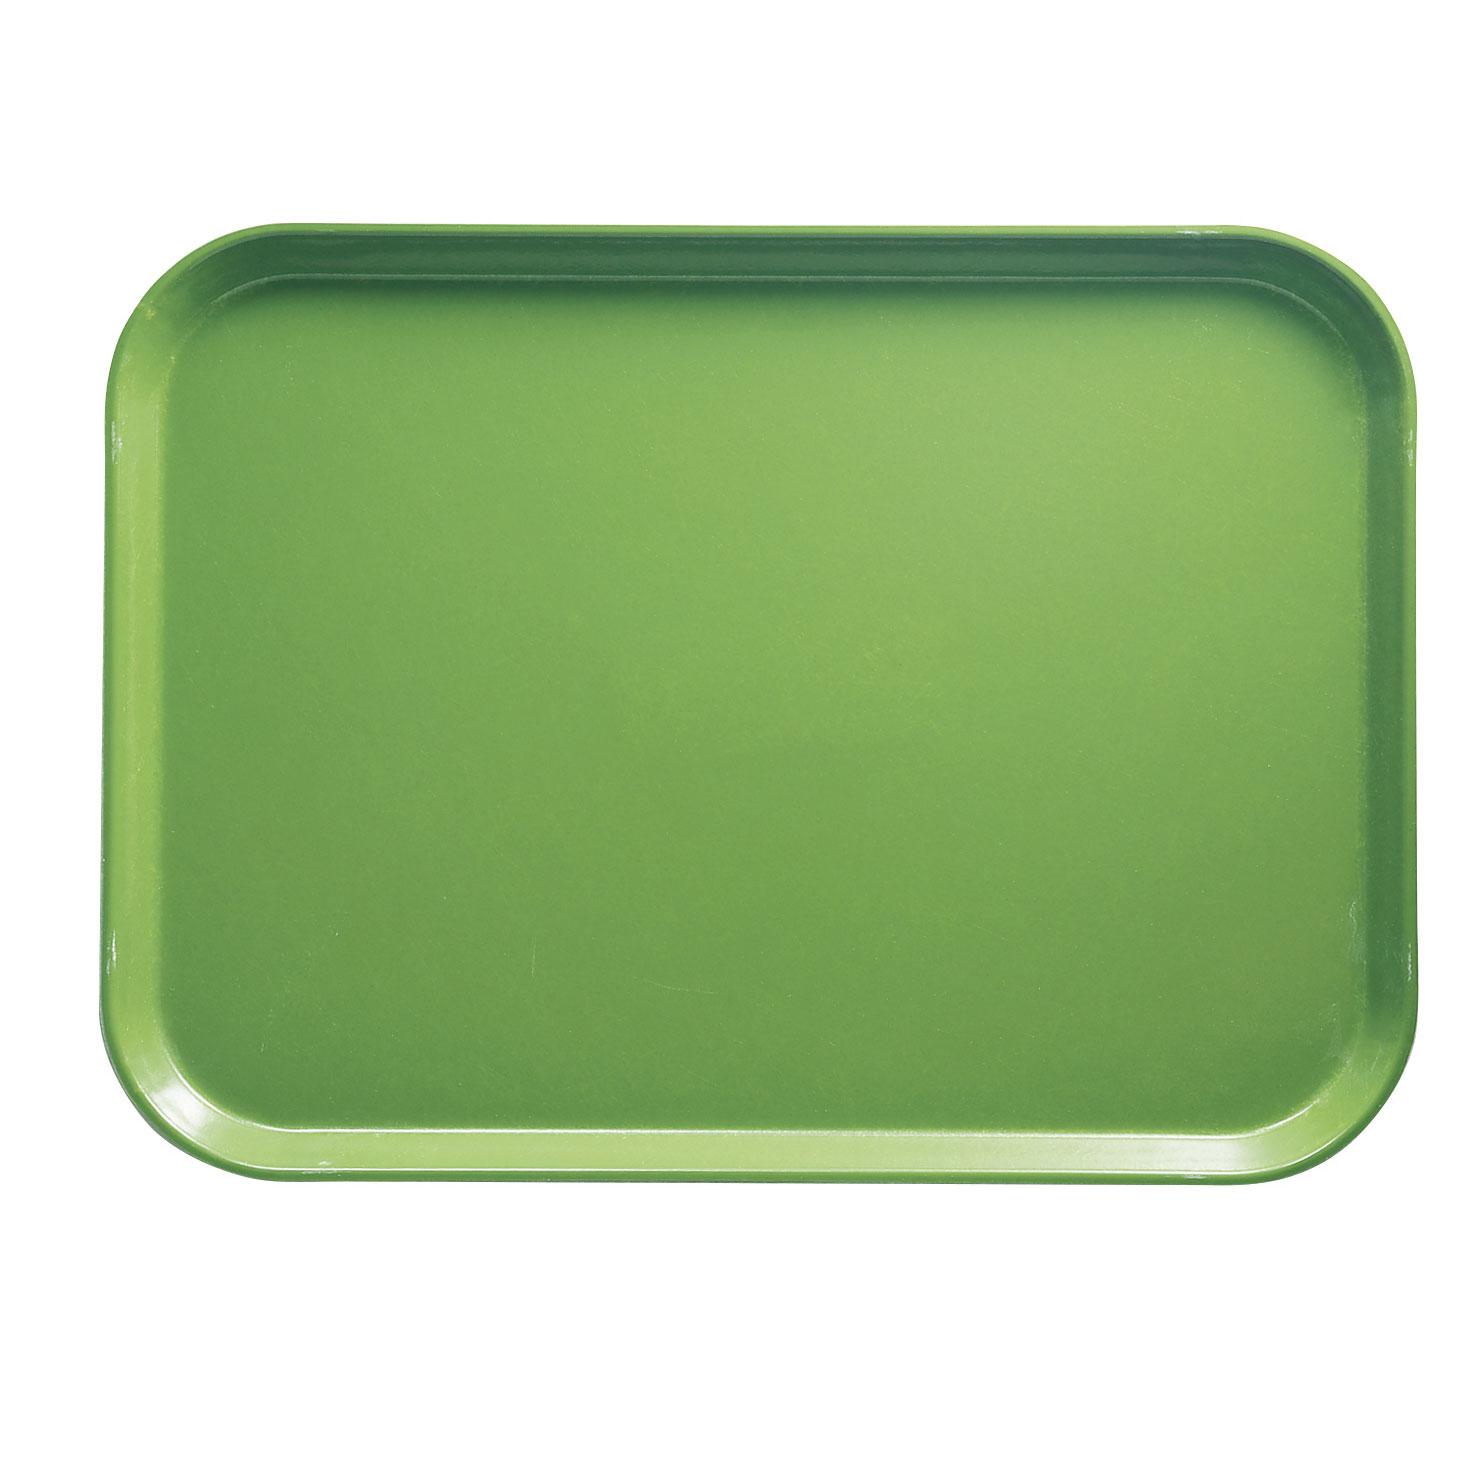 Cambro 1014113 cafeteria tray